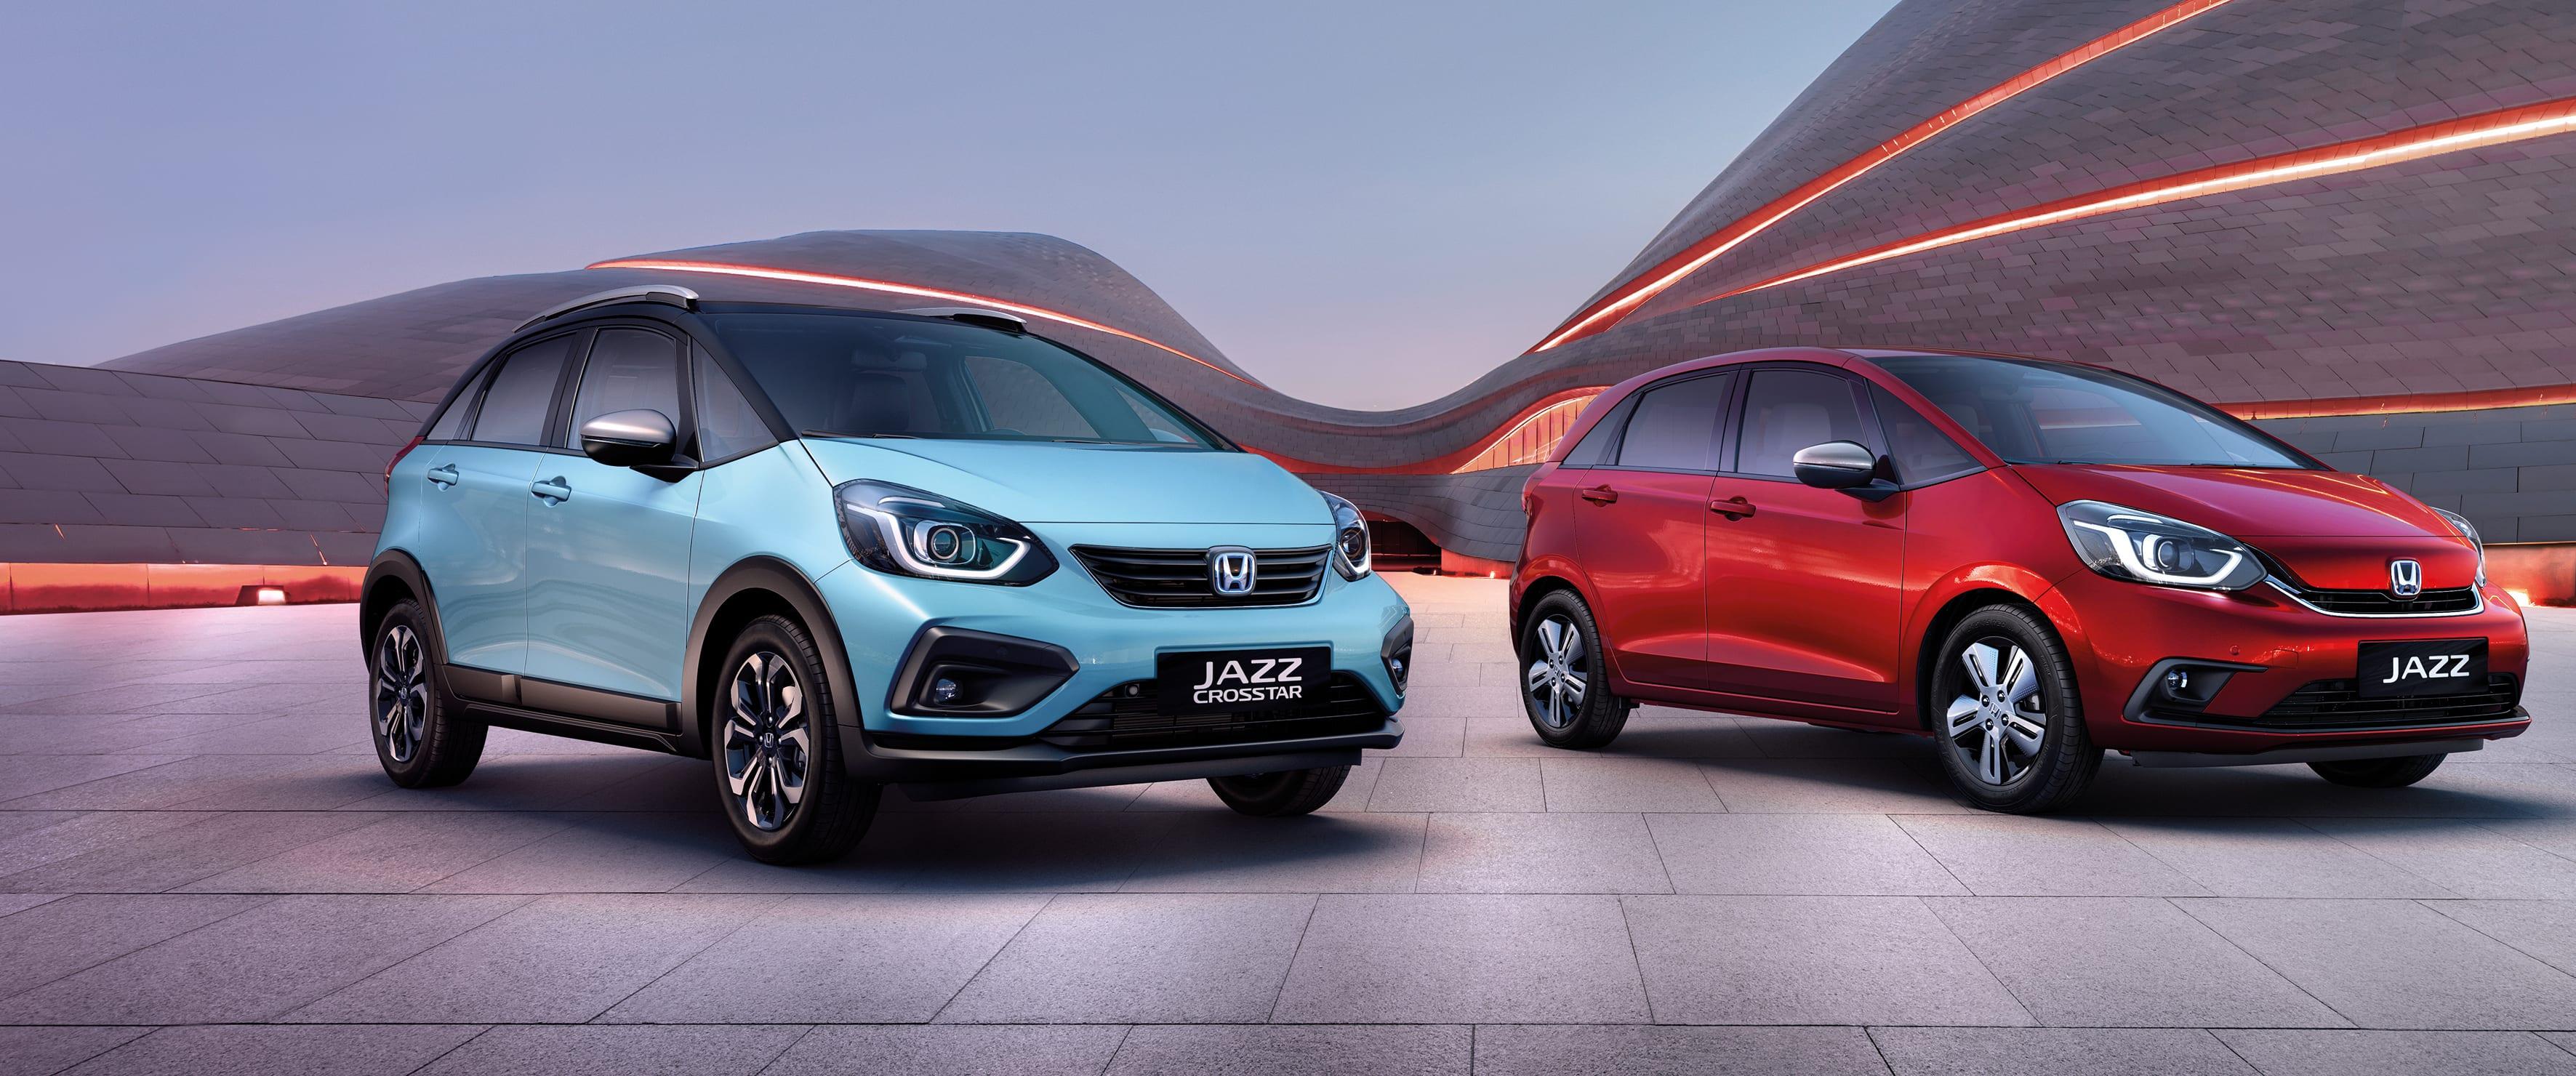 De volledig nieuwe Jazz met de Honda hybride technologie - e:HEV.